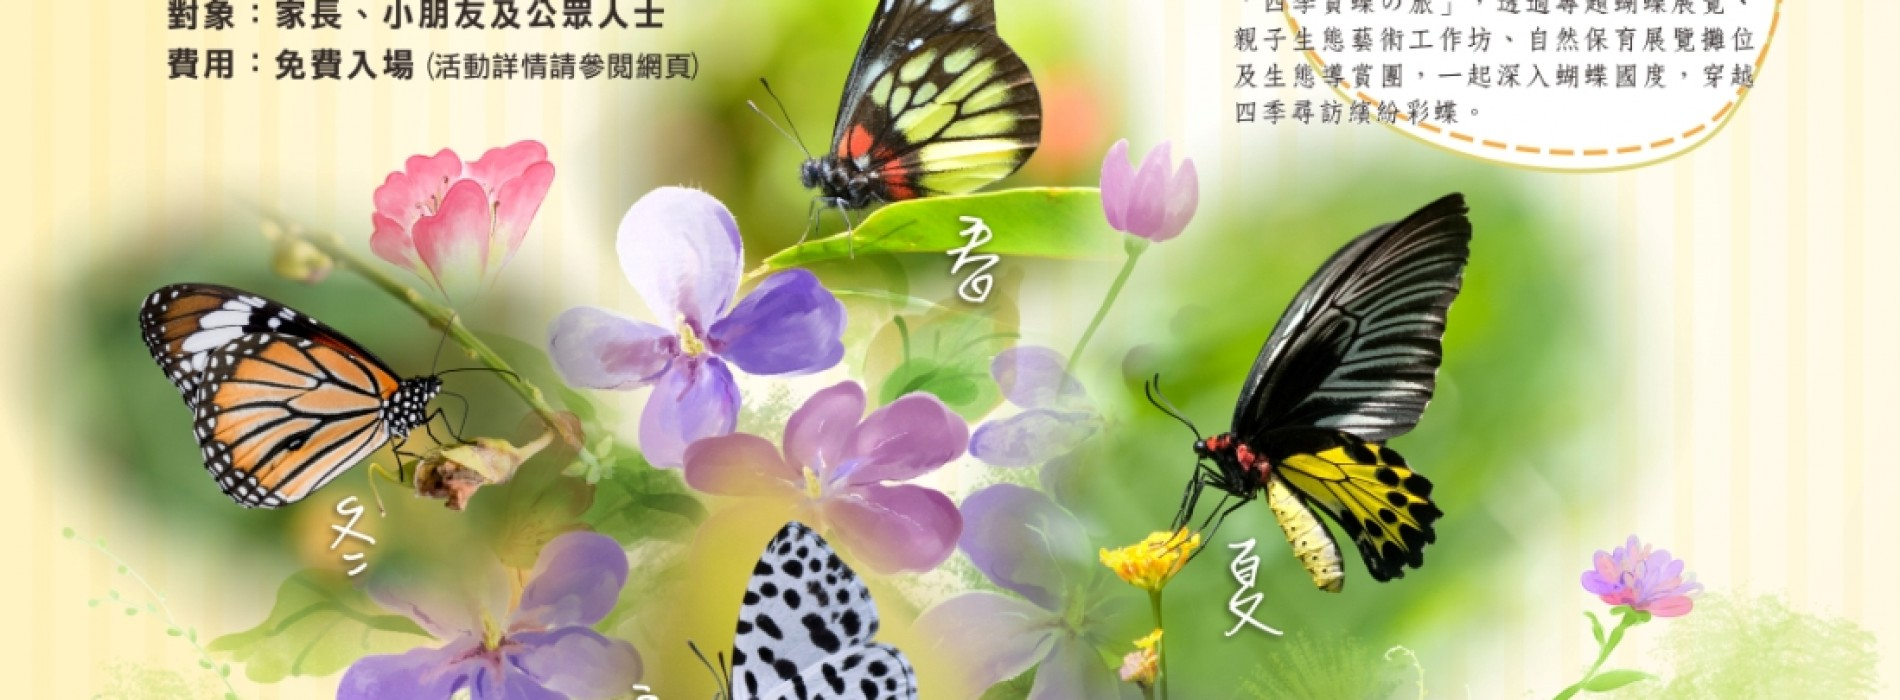 親子大本營@鳳園蝴蝶嘉年華 [18/10]